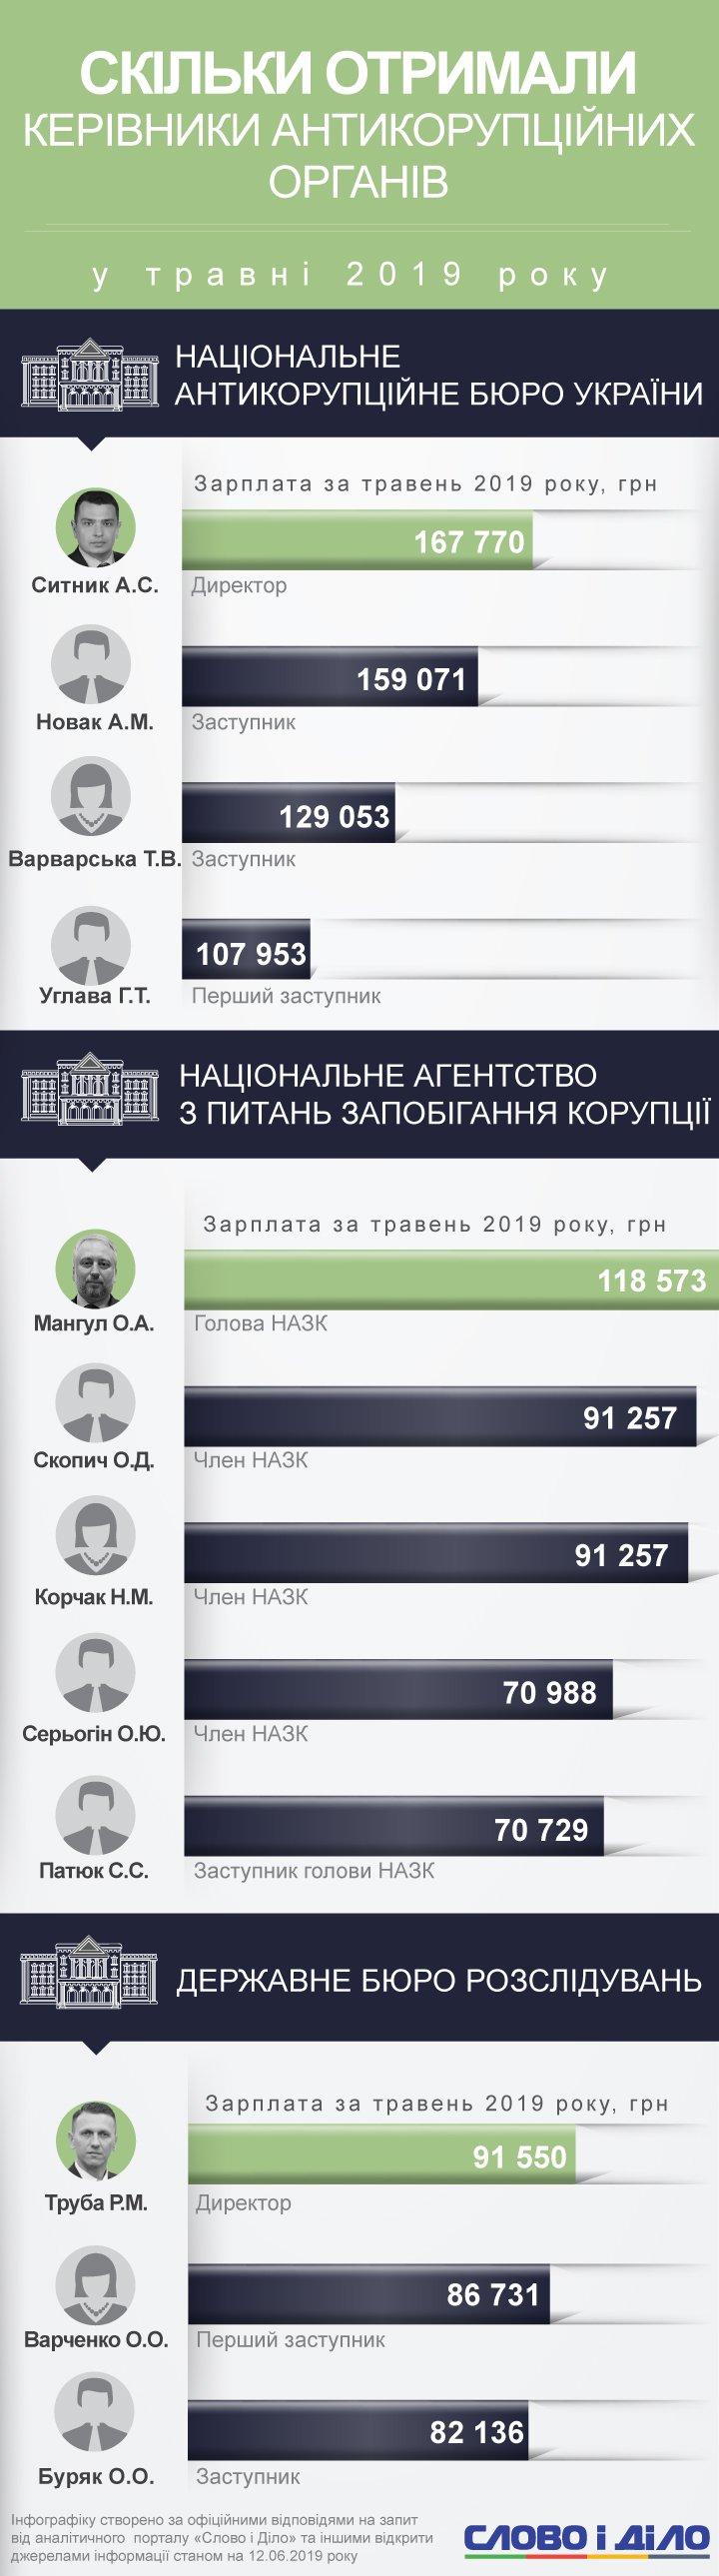 Найбільш високооплачуваним антикорупціонером у травні був директор НАБУ Артем Ситник – 167,7 тисячі гривень.